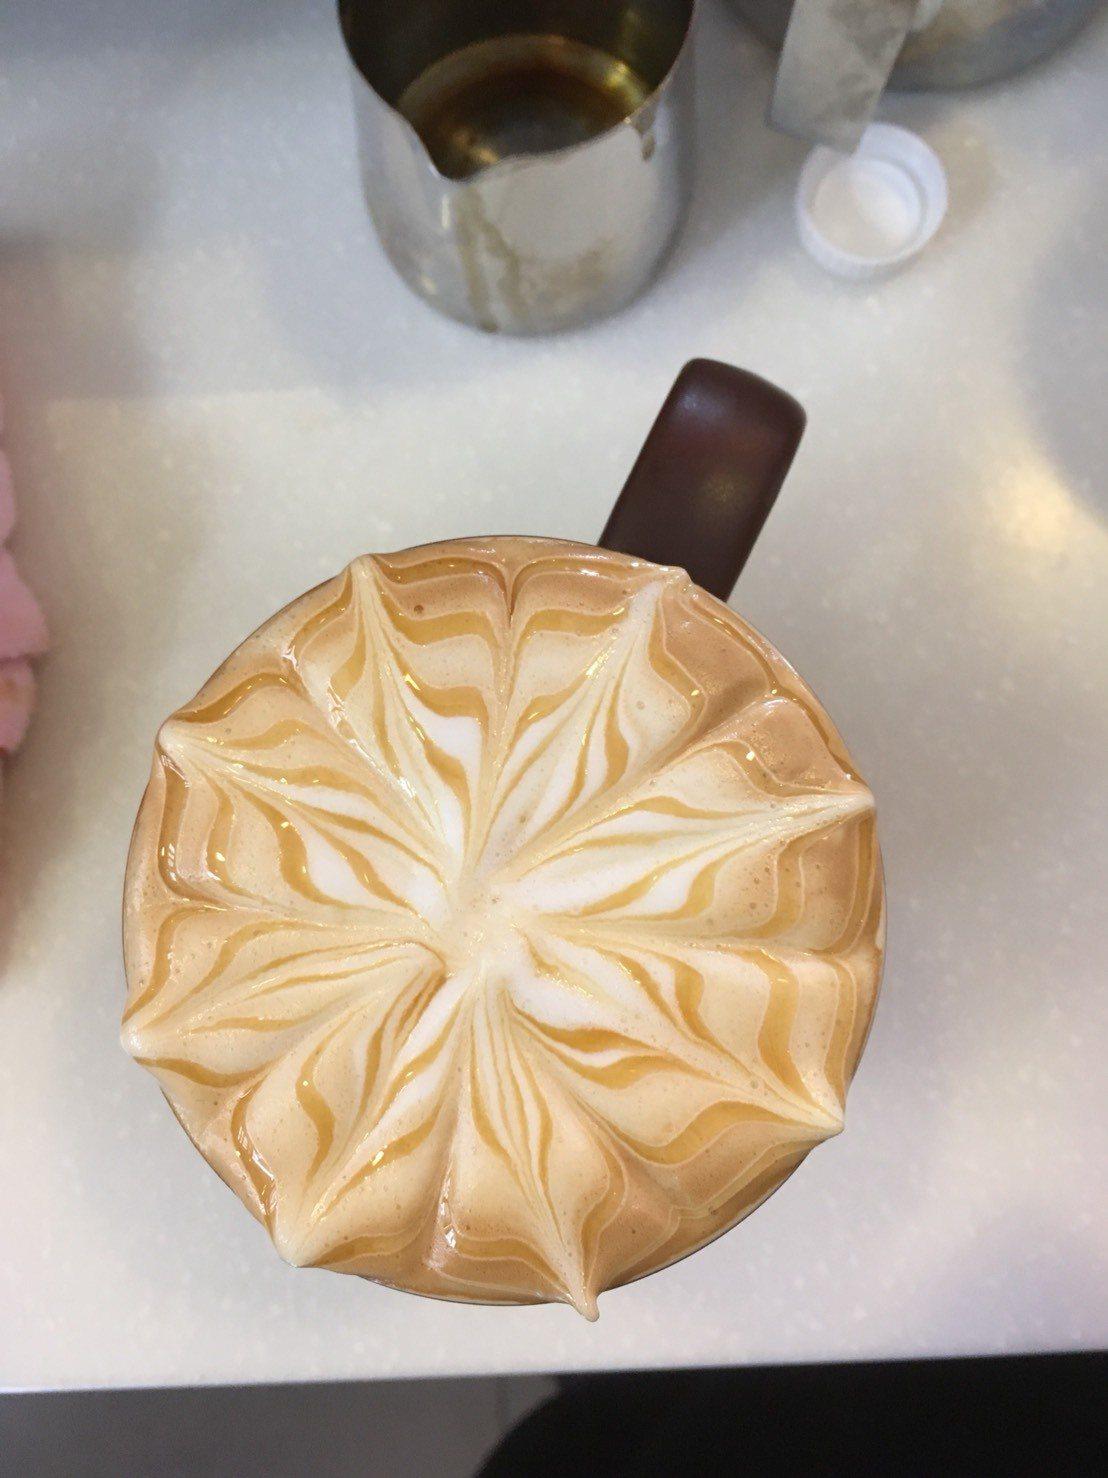 五星咖啡師江怡臻作品。圖/台灣麥當勞提供